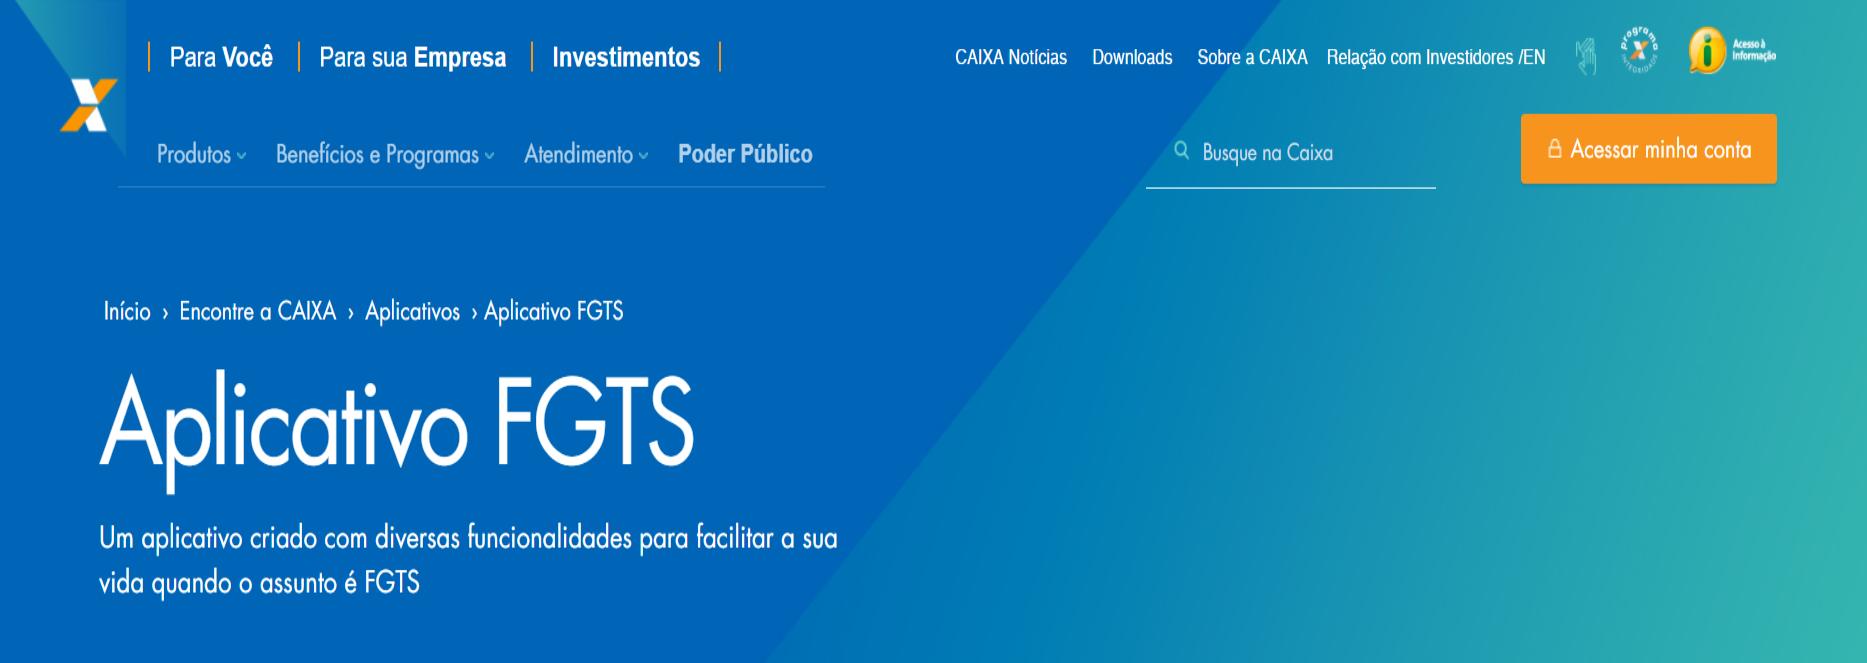 Tutorial completo do aplicativo FGTS em 2021: conheça todas as funções e tire suas dúvidas